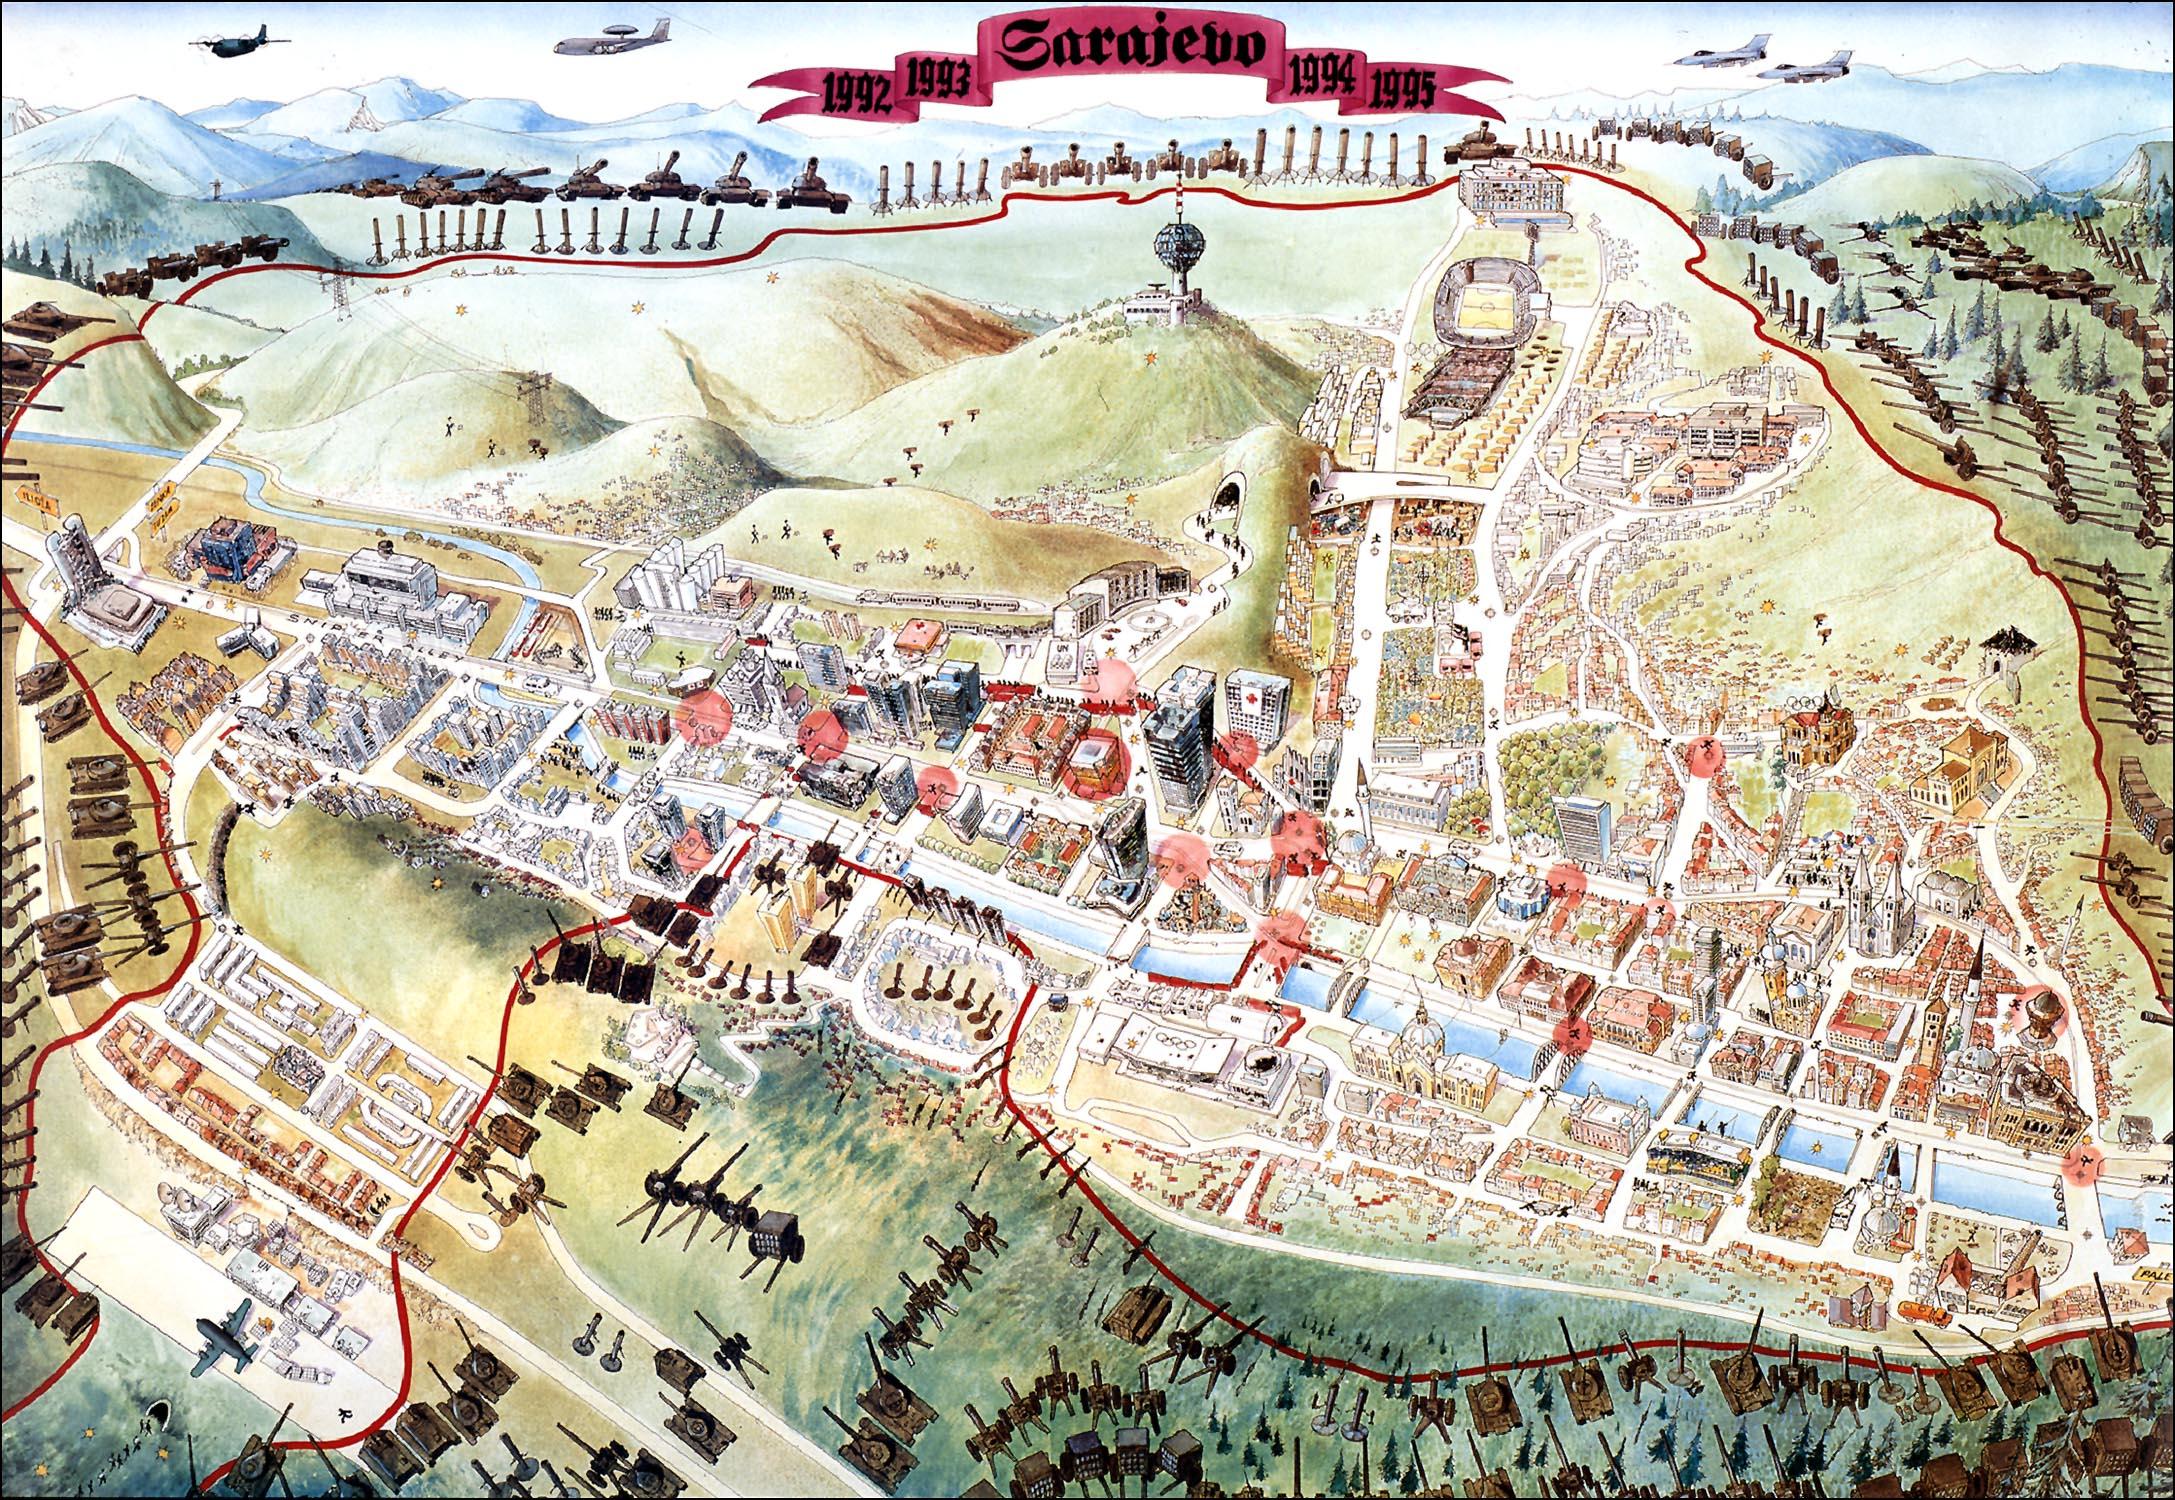 كل ما تريد أن تعرفه عن قصة حصان طروادة Sarajevo-Survival-Map-1992-96